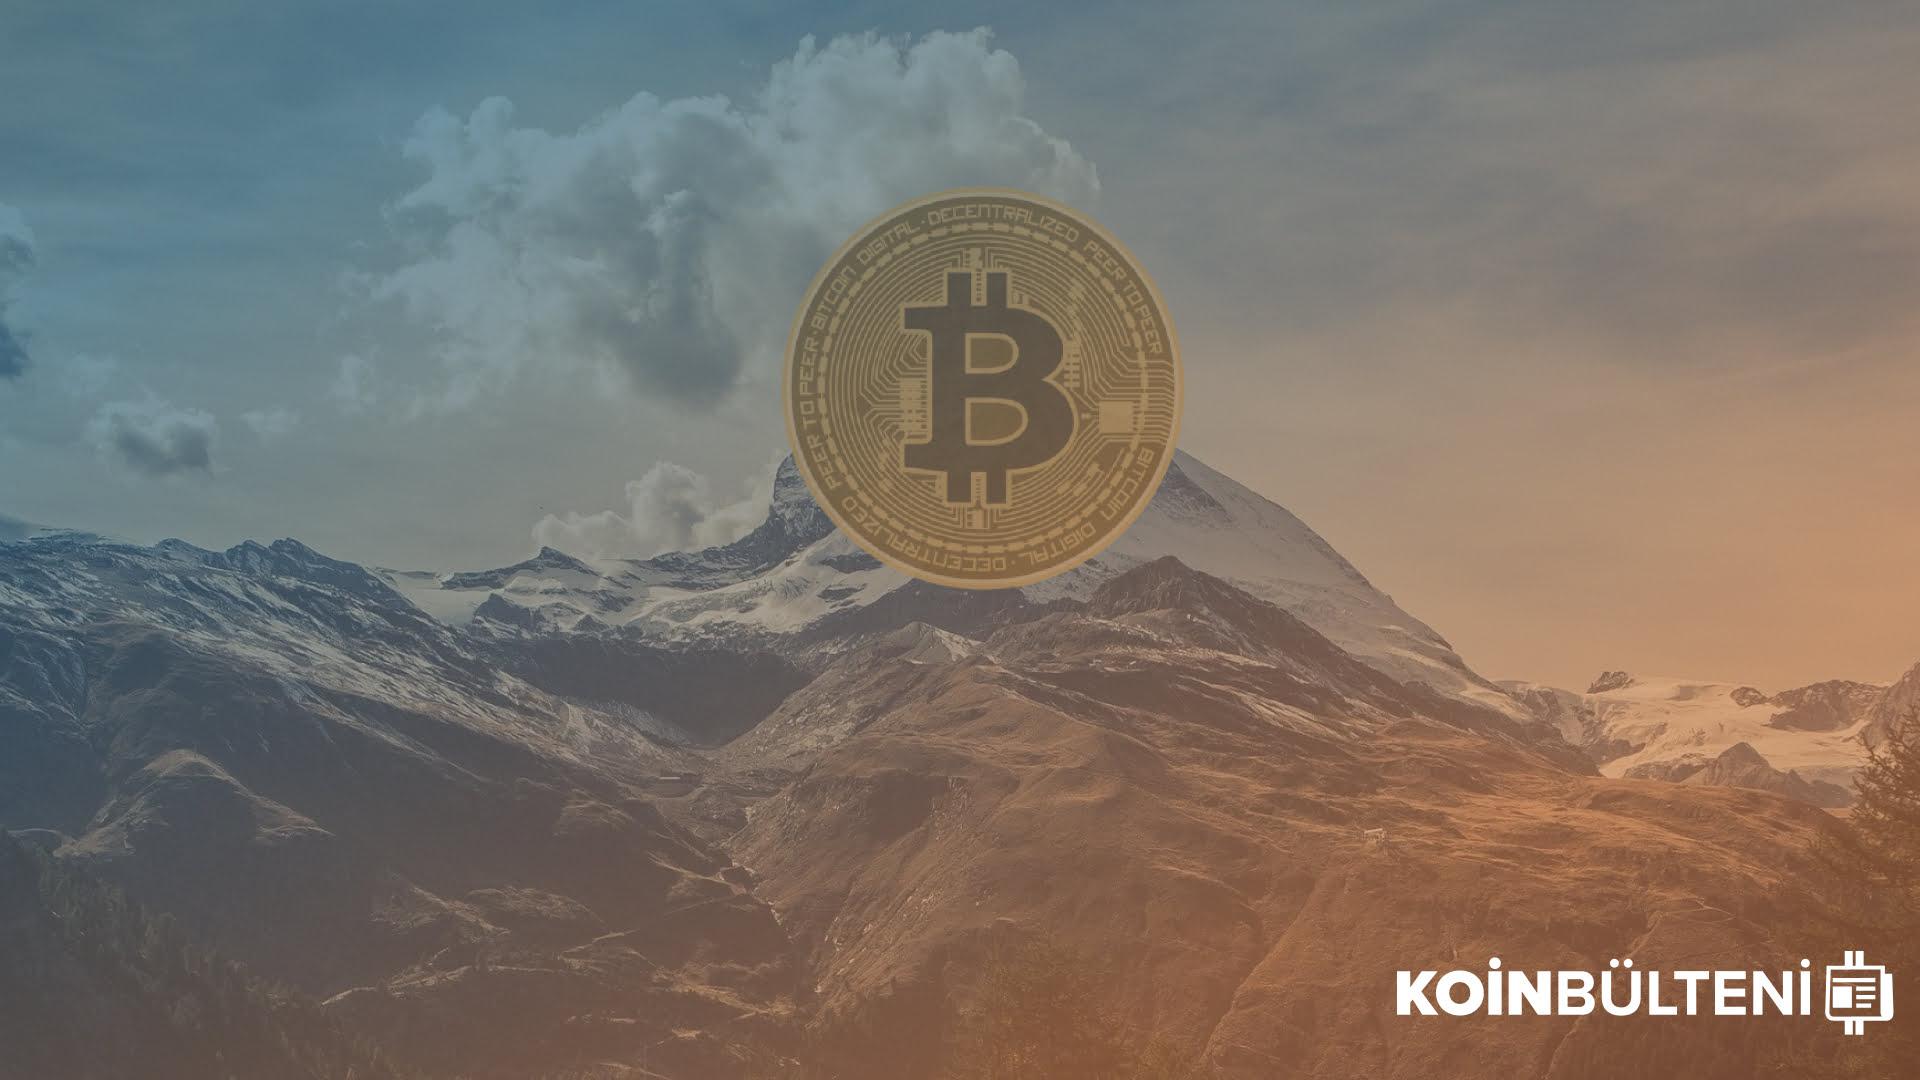 ralli-bitcoin